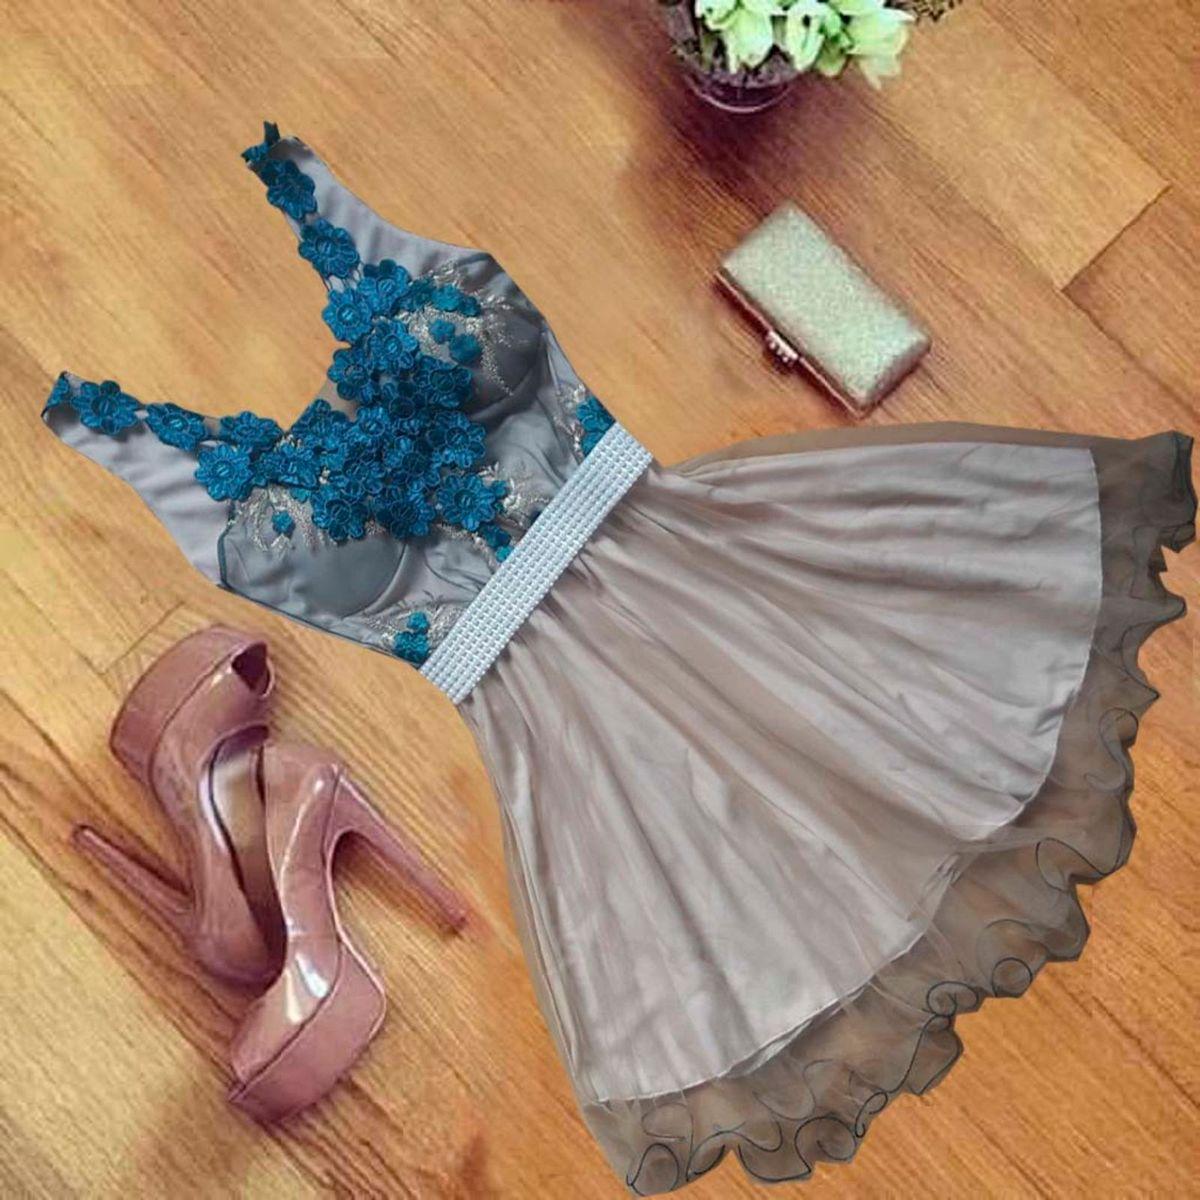 c002886f5 Vestido de Festa Curto Tule e Renda | Vestido de Festa Feminino Nunca Usado  26395032 | enjoei